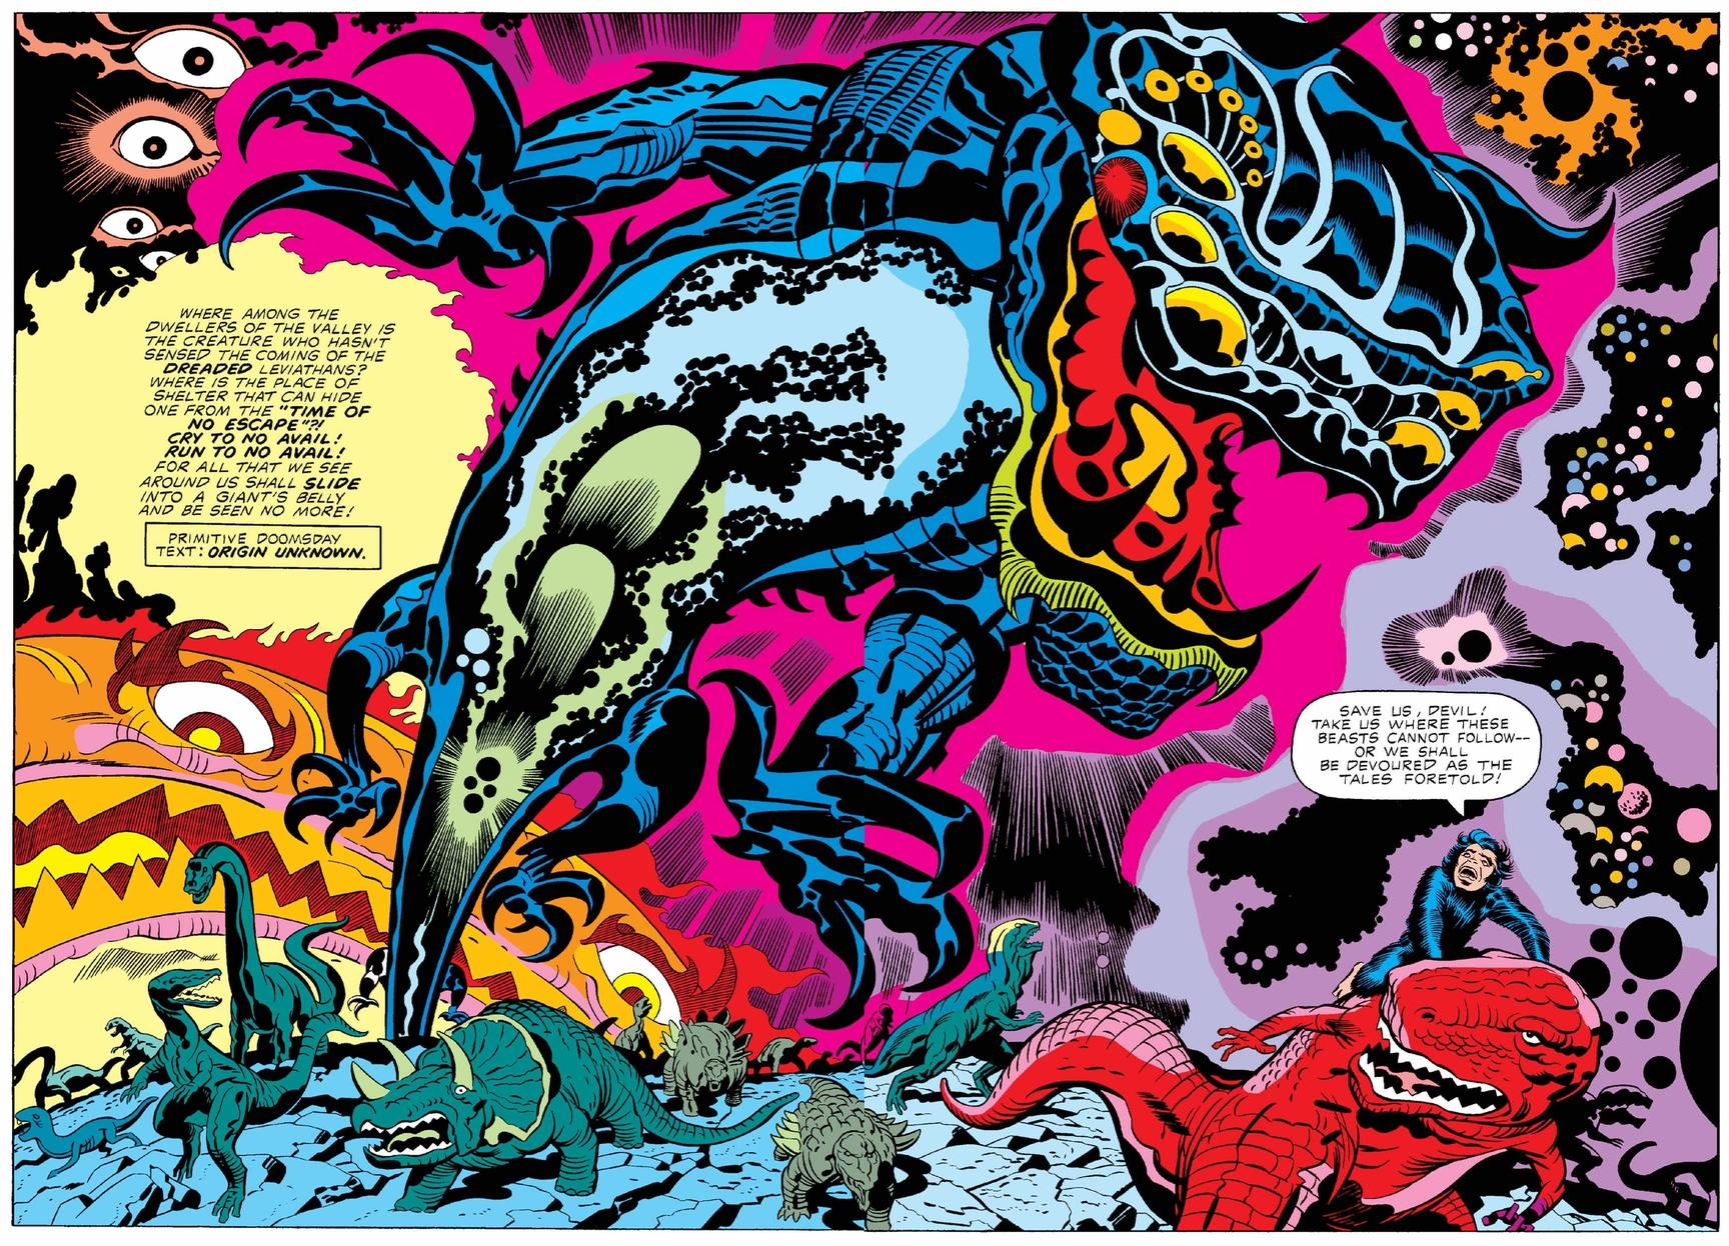 DEVIL DINOSAUR (1978) #4, PAGES 2-3